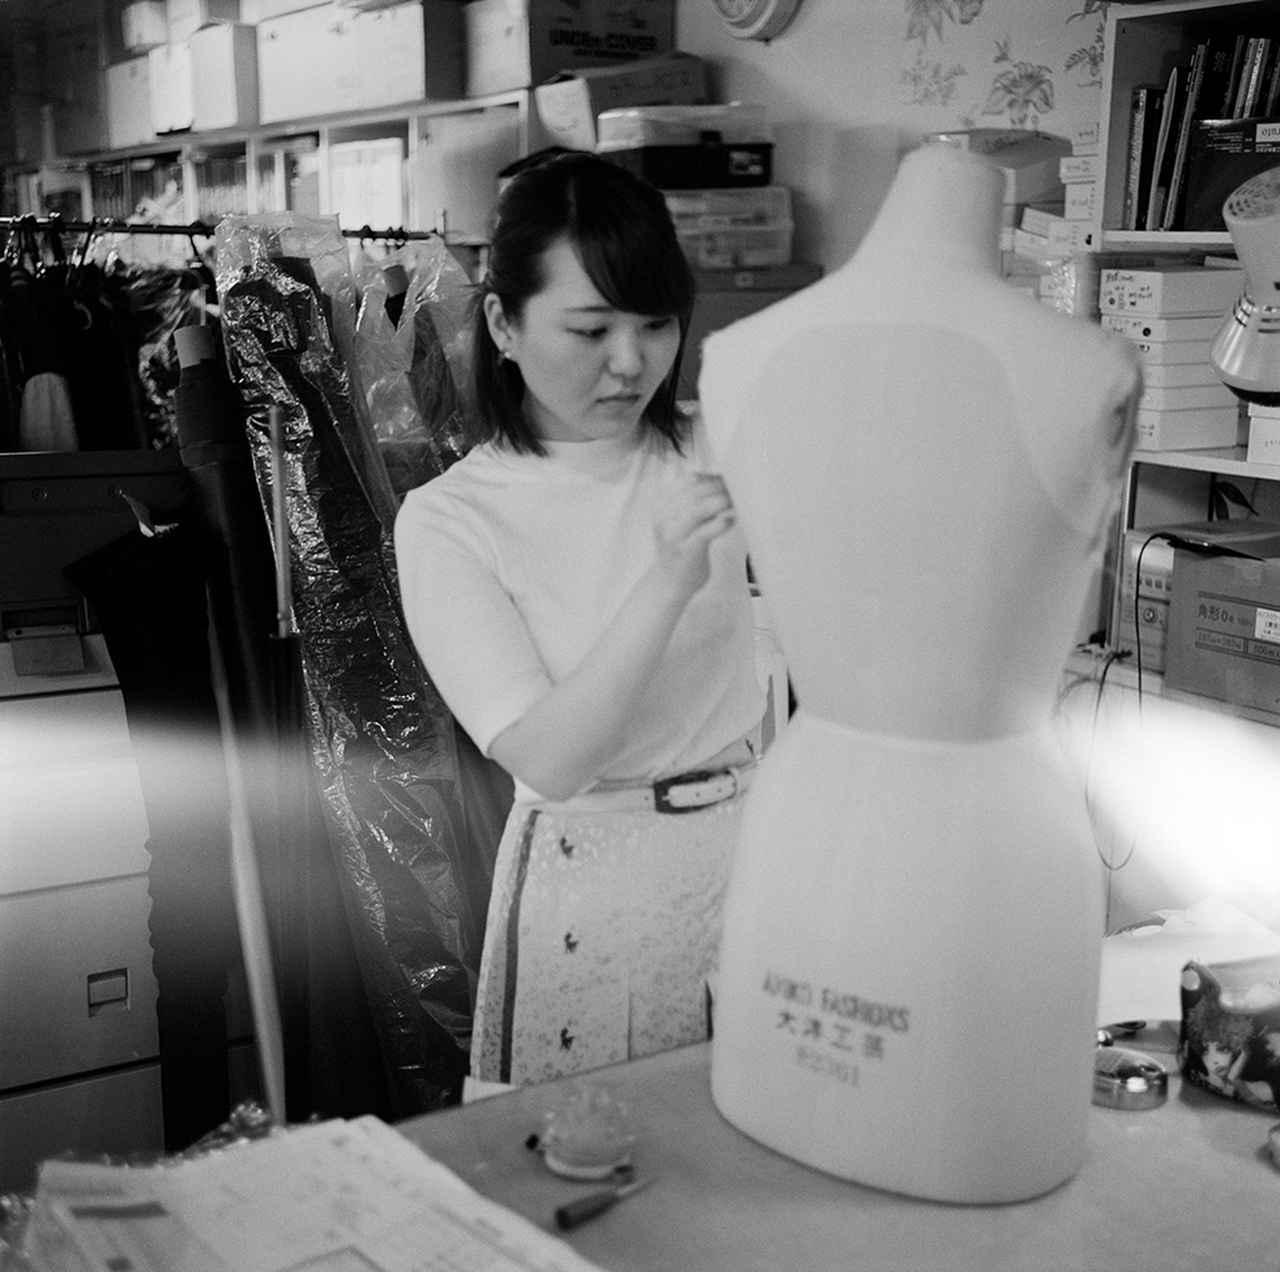 Images : 5番目の画像 - 「アンダーカバーのスタジオで 高橋 盾の内なる世界をのぞく」のアルバム - T JAPAN:The New York Times Style Magazine 公式サイト